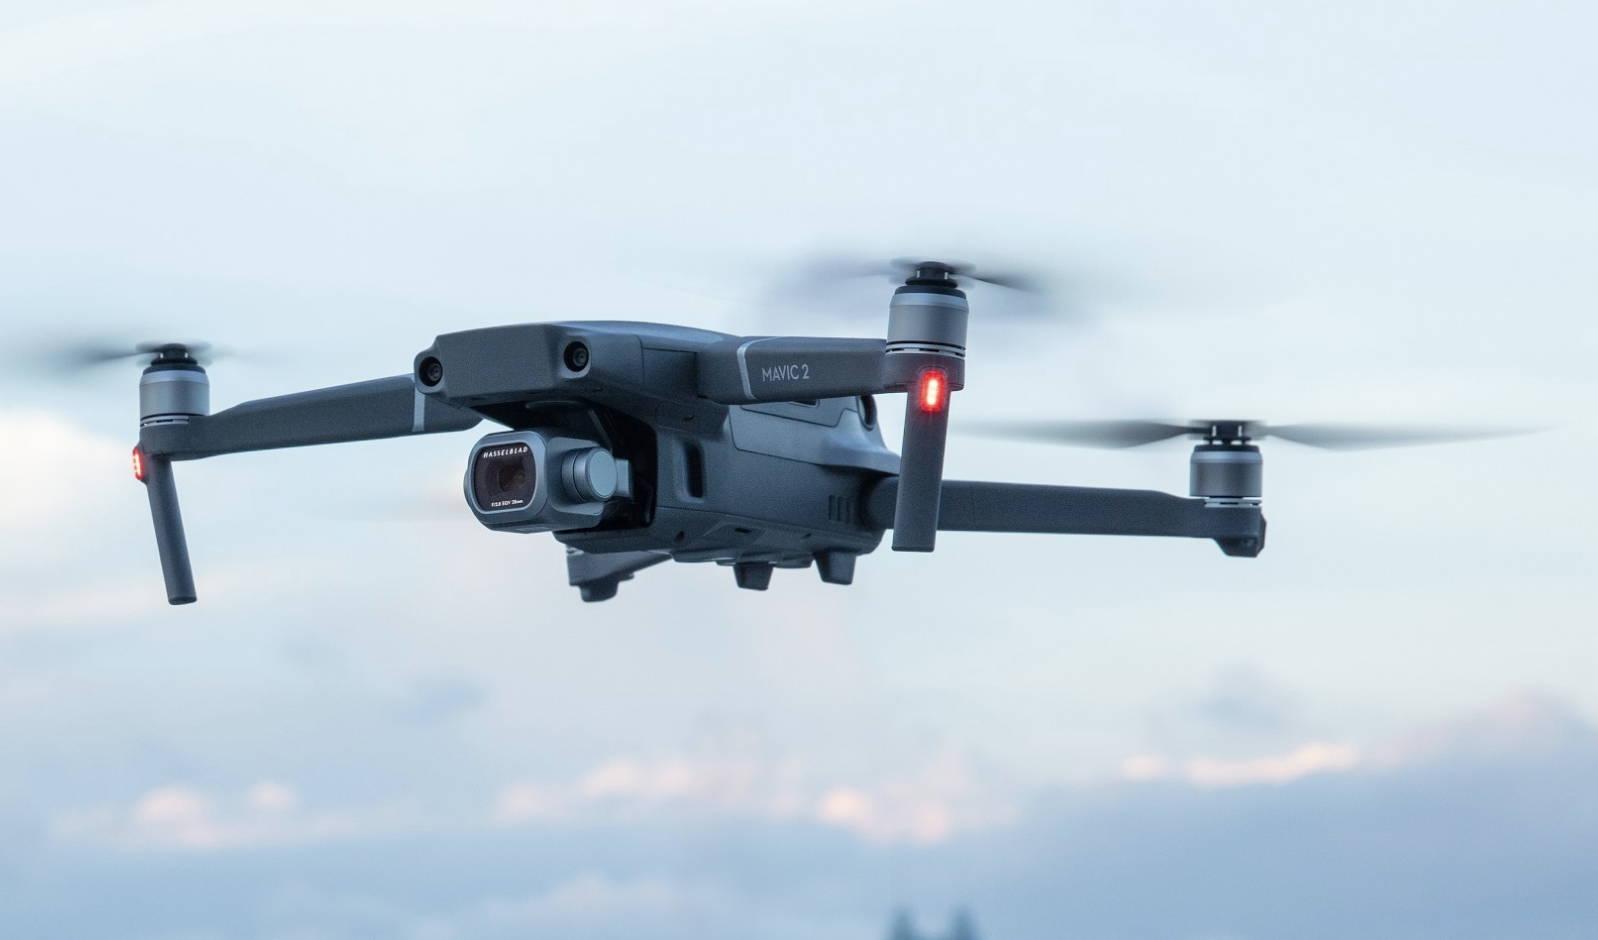 DJI Mavic 2 Pro Mavic 2 Zoom Drone